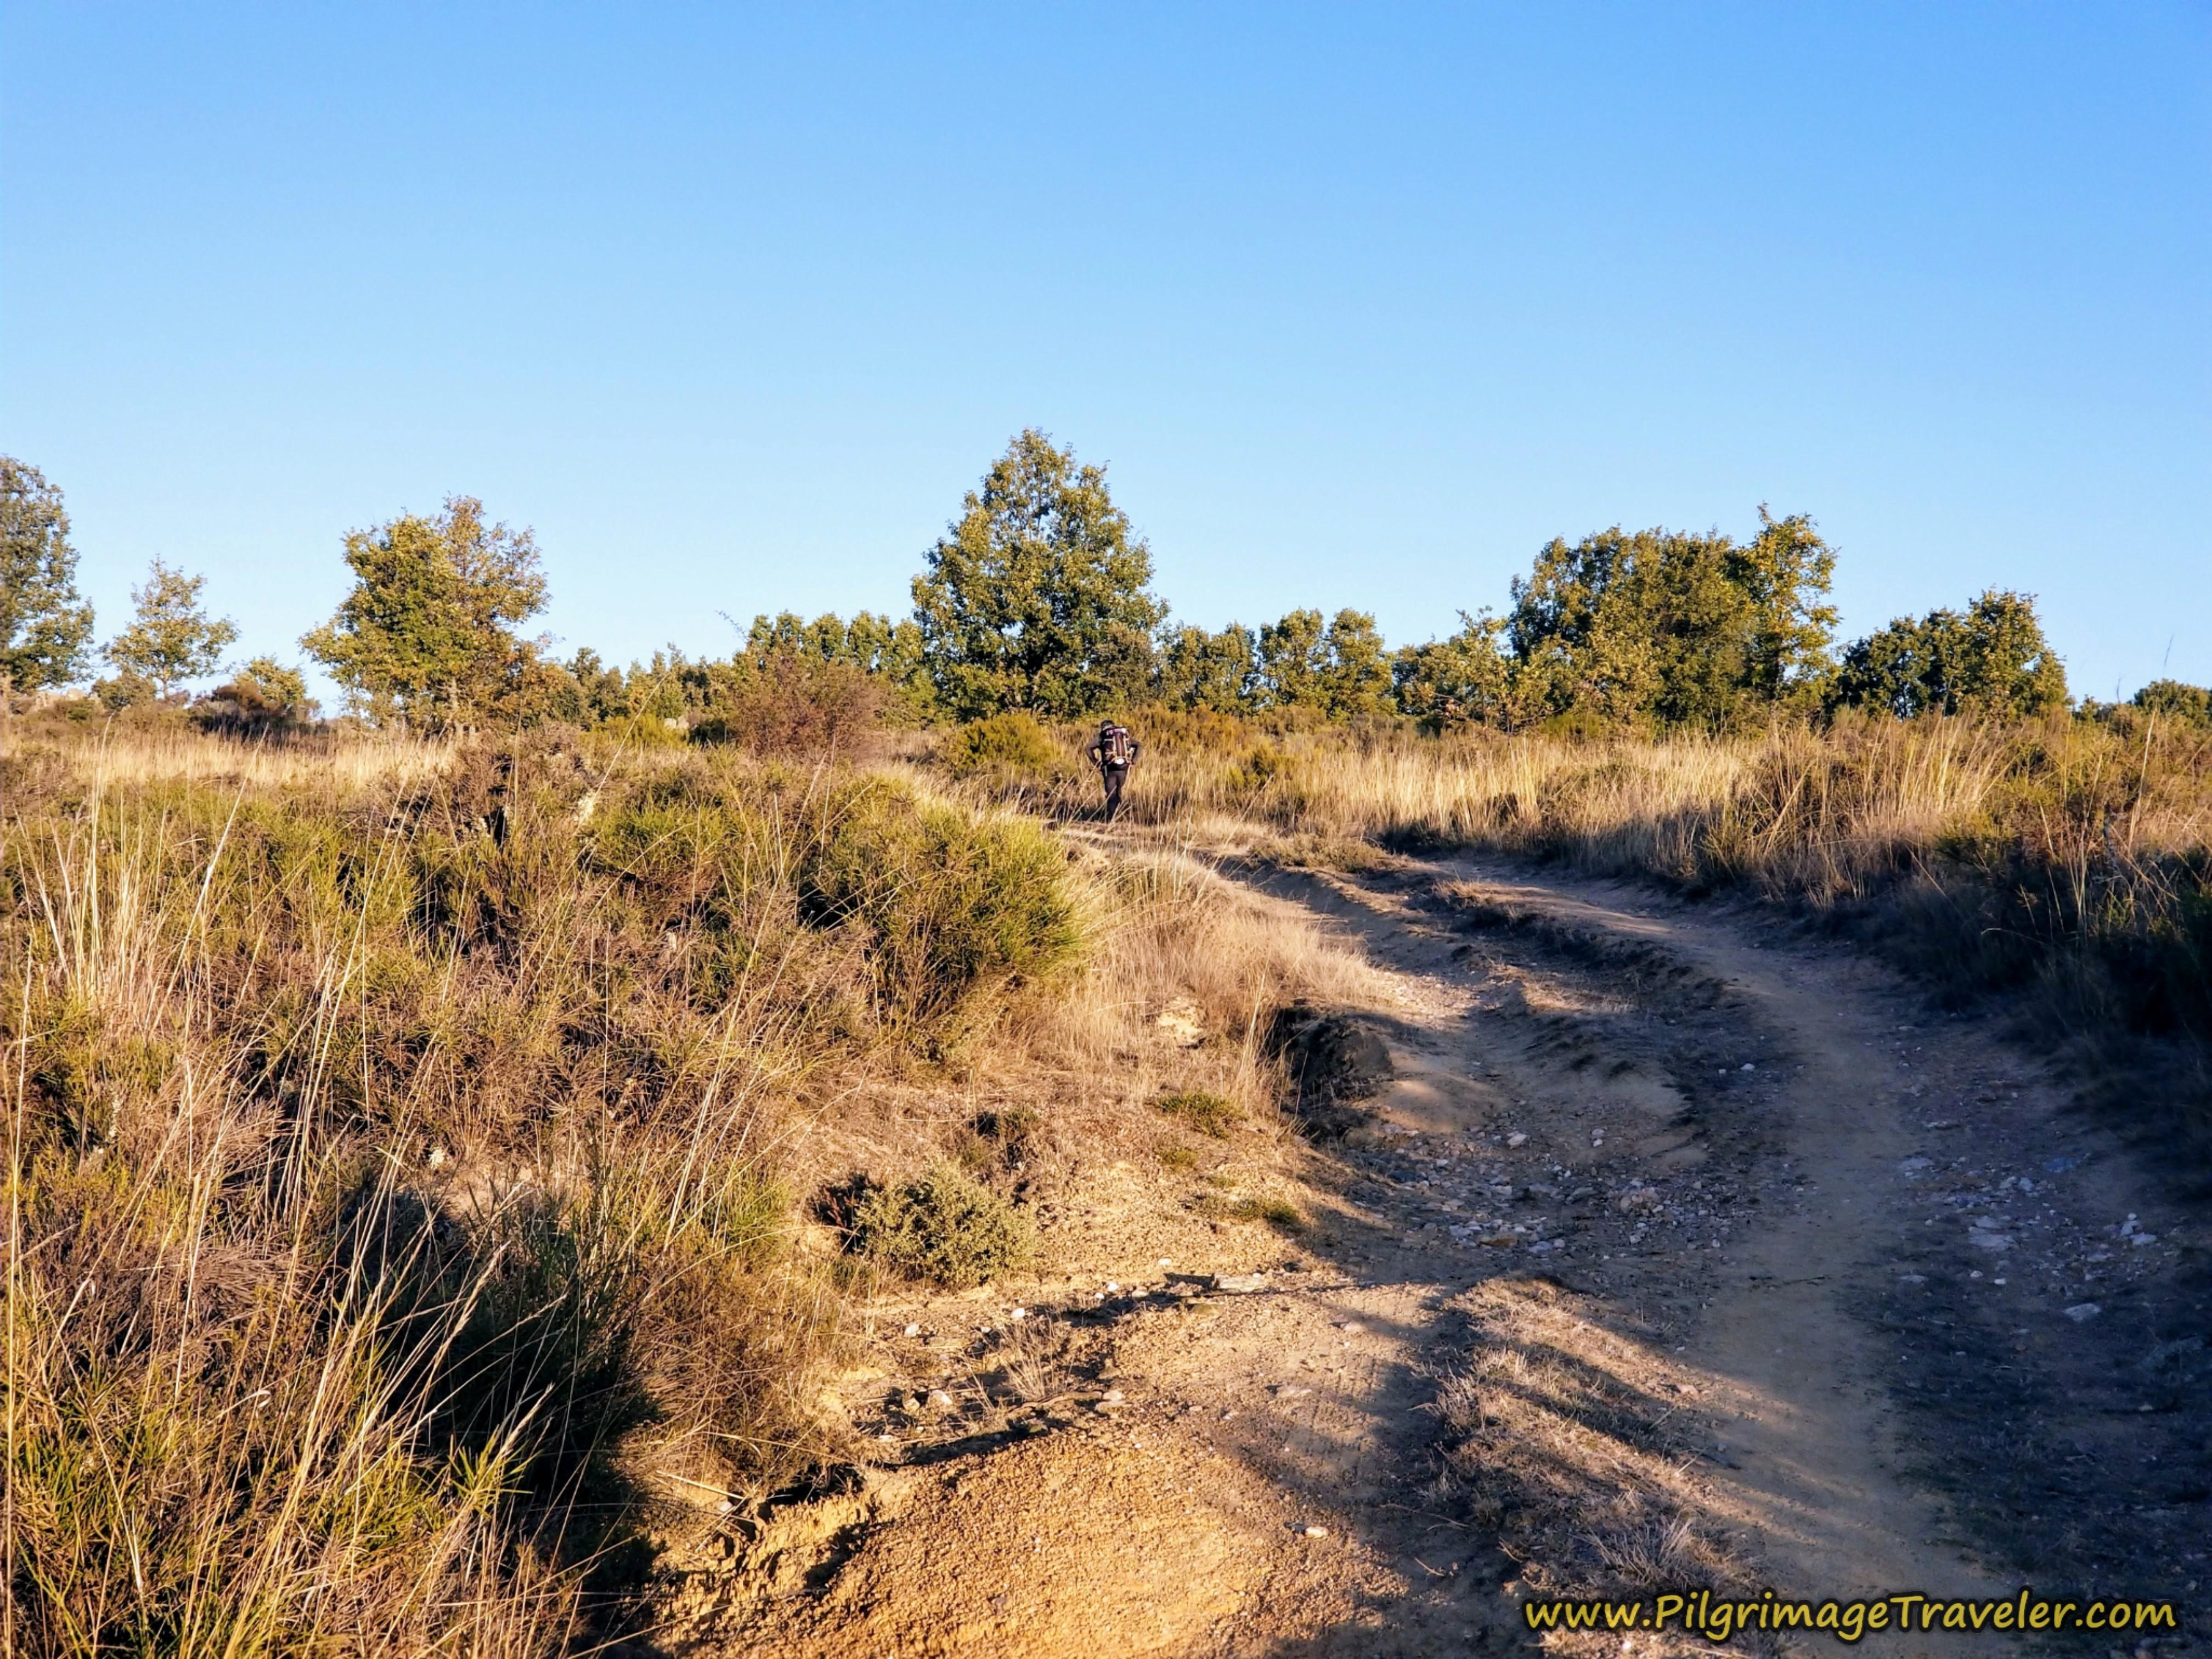 Peregrino Negotiates Rougher Road Ahead on the Camino Sanabrés from Rionegro del Puente to Entrepeñas